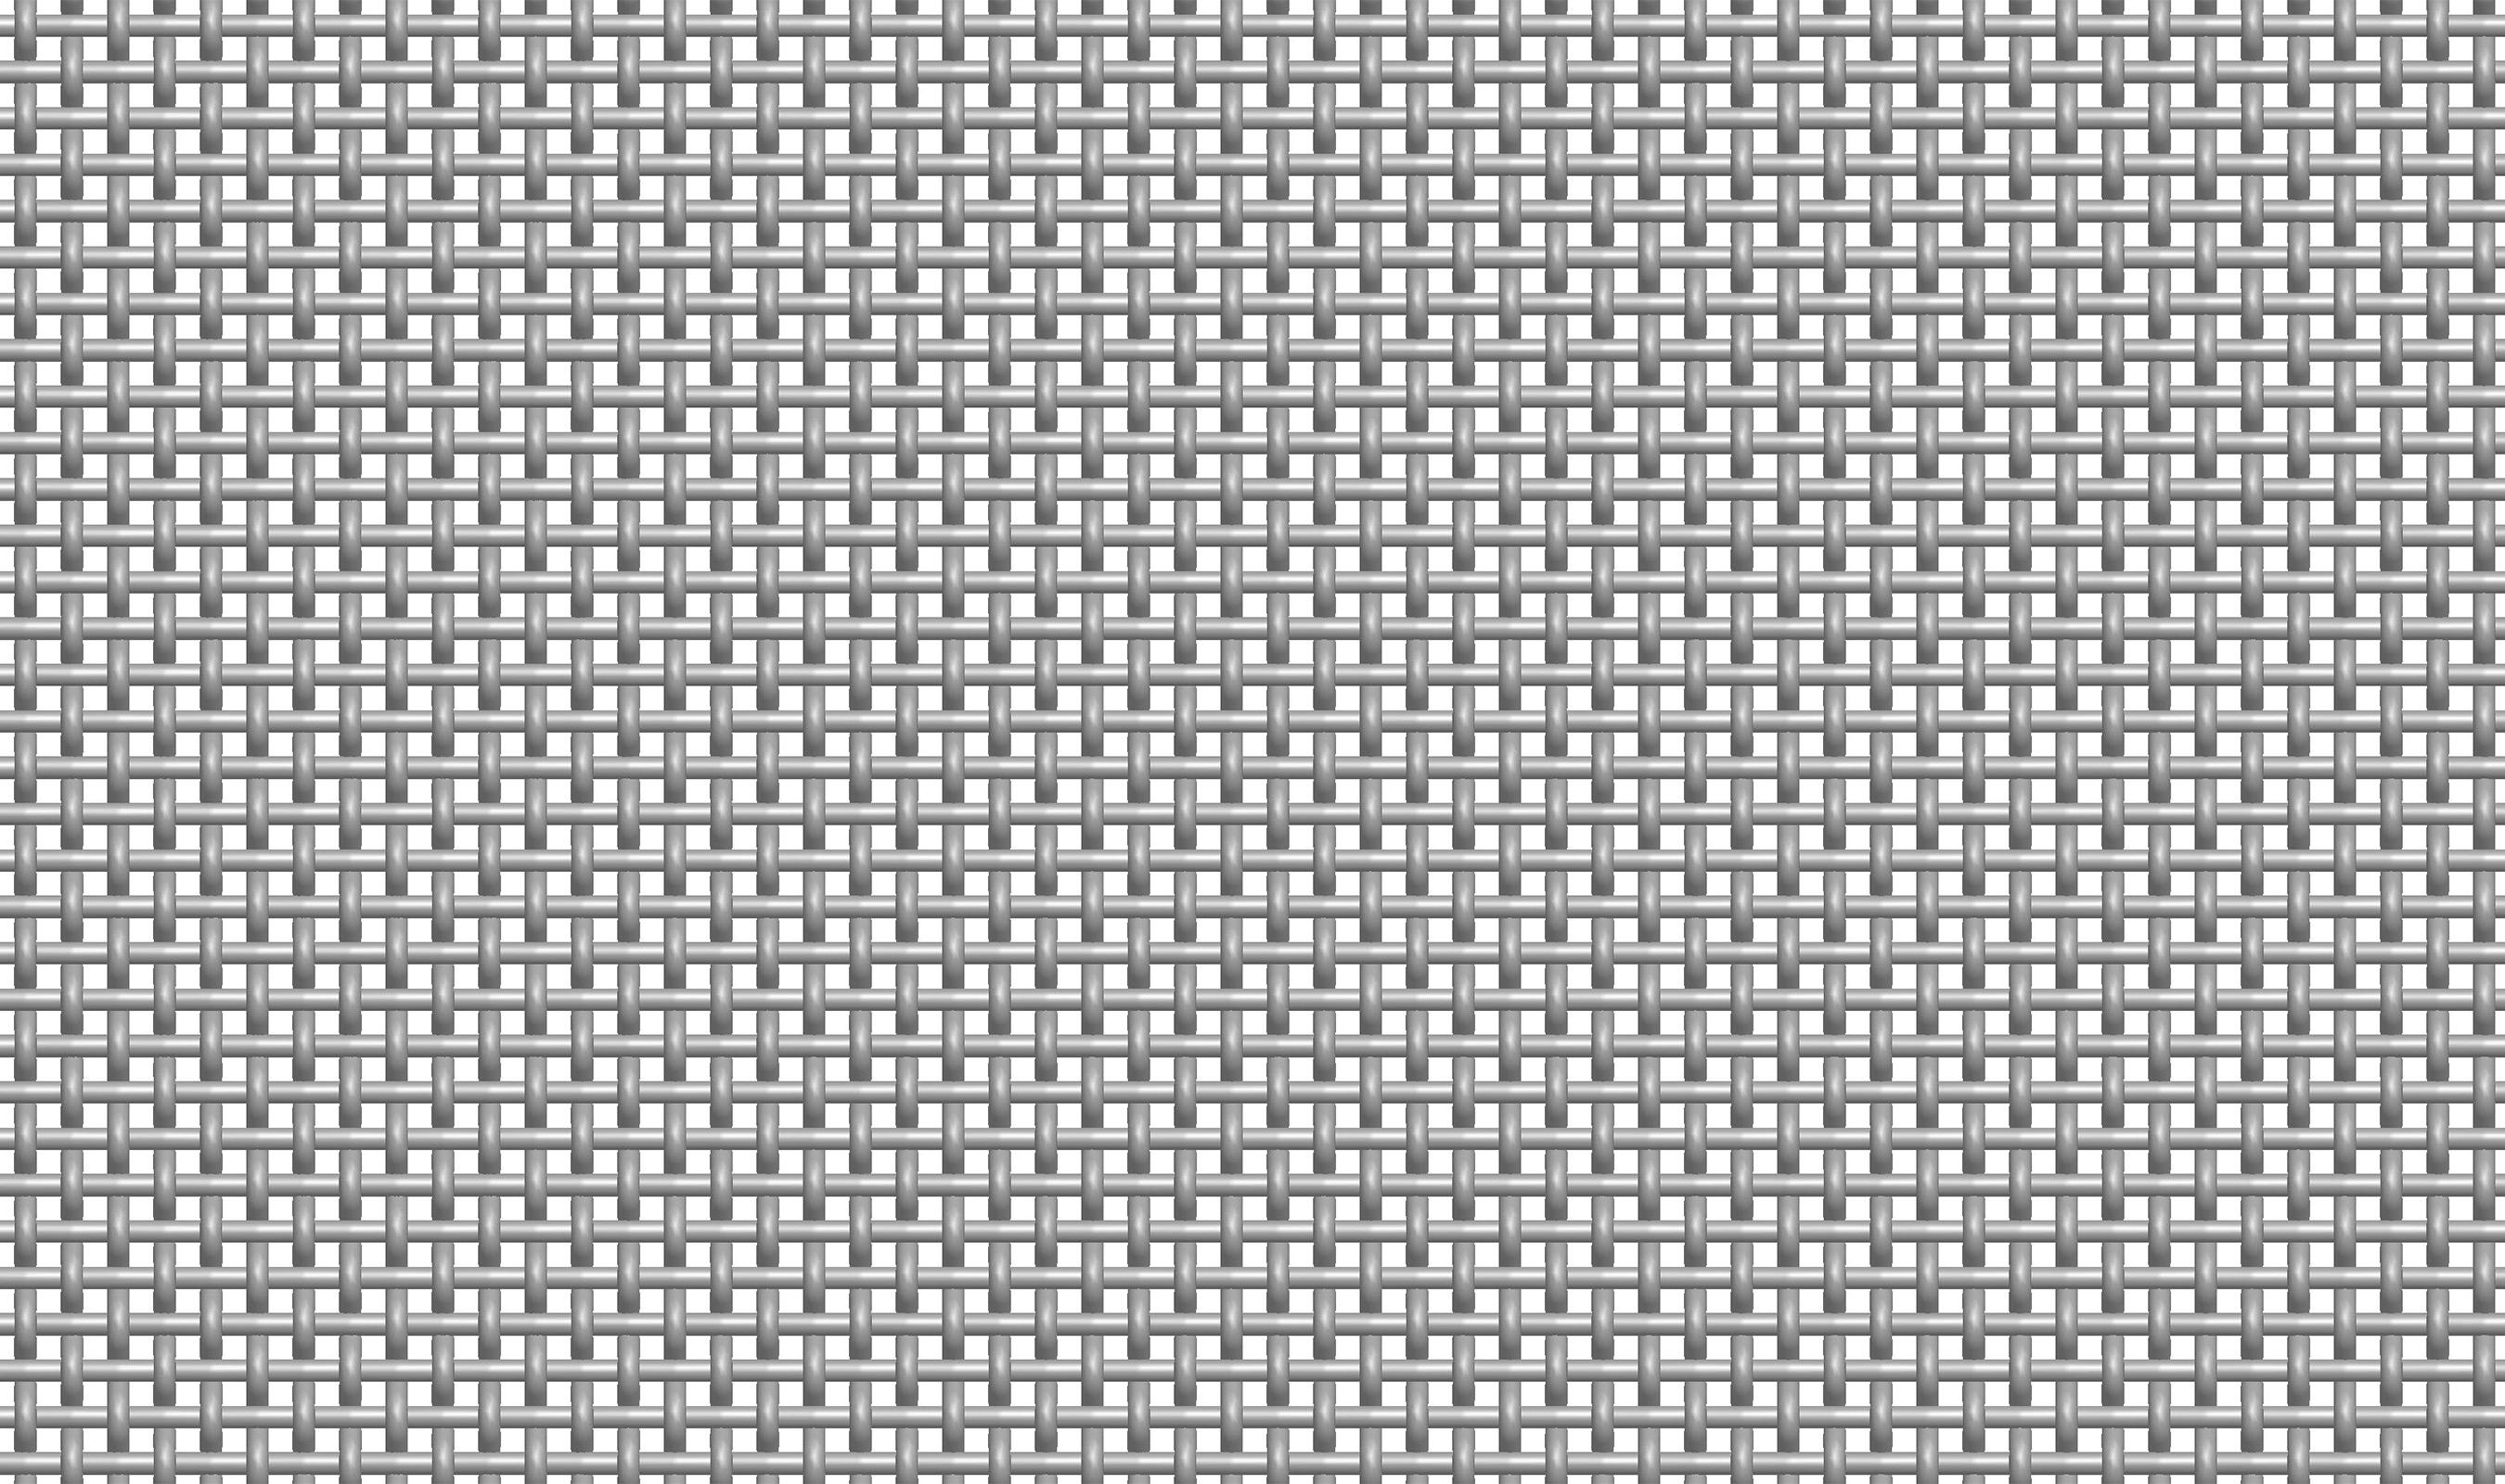 (P-66) 4-1/2 MESH .105 Plain Crimp Woven Wire Mesh